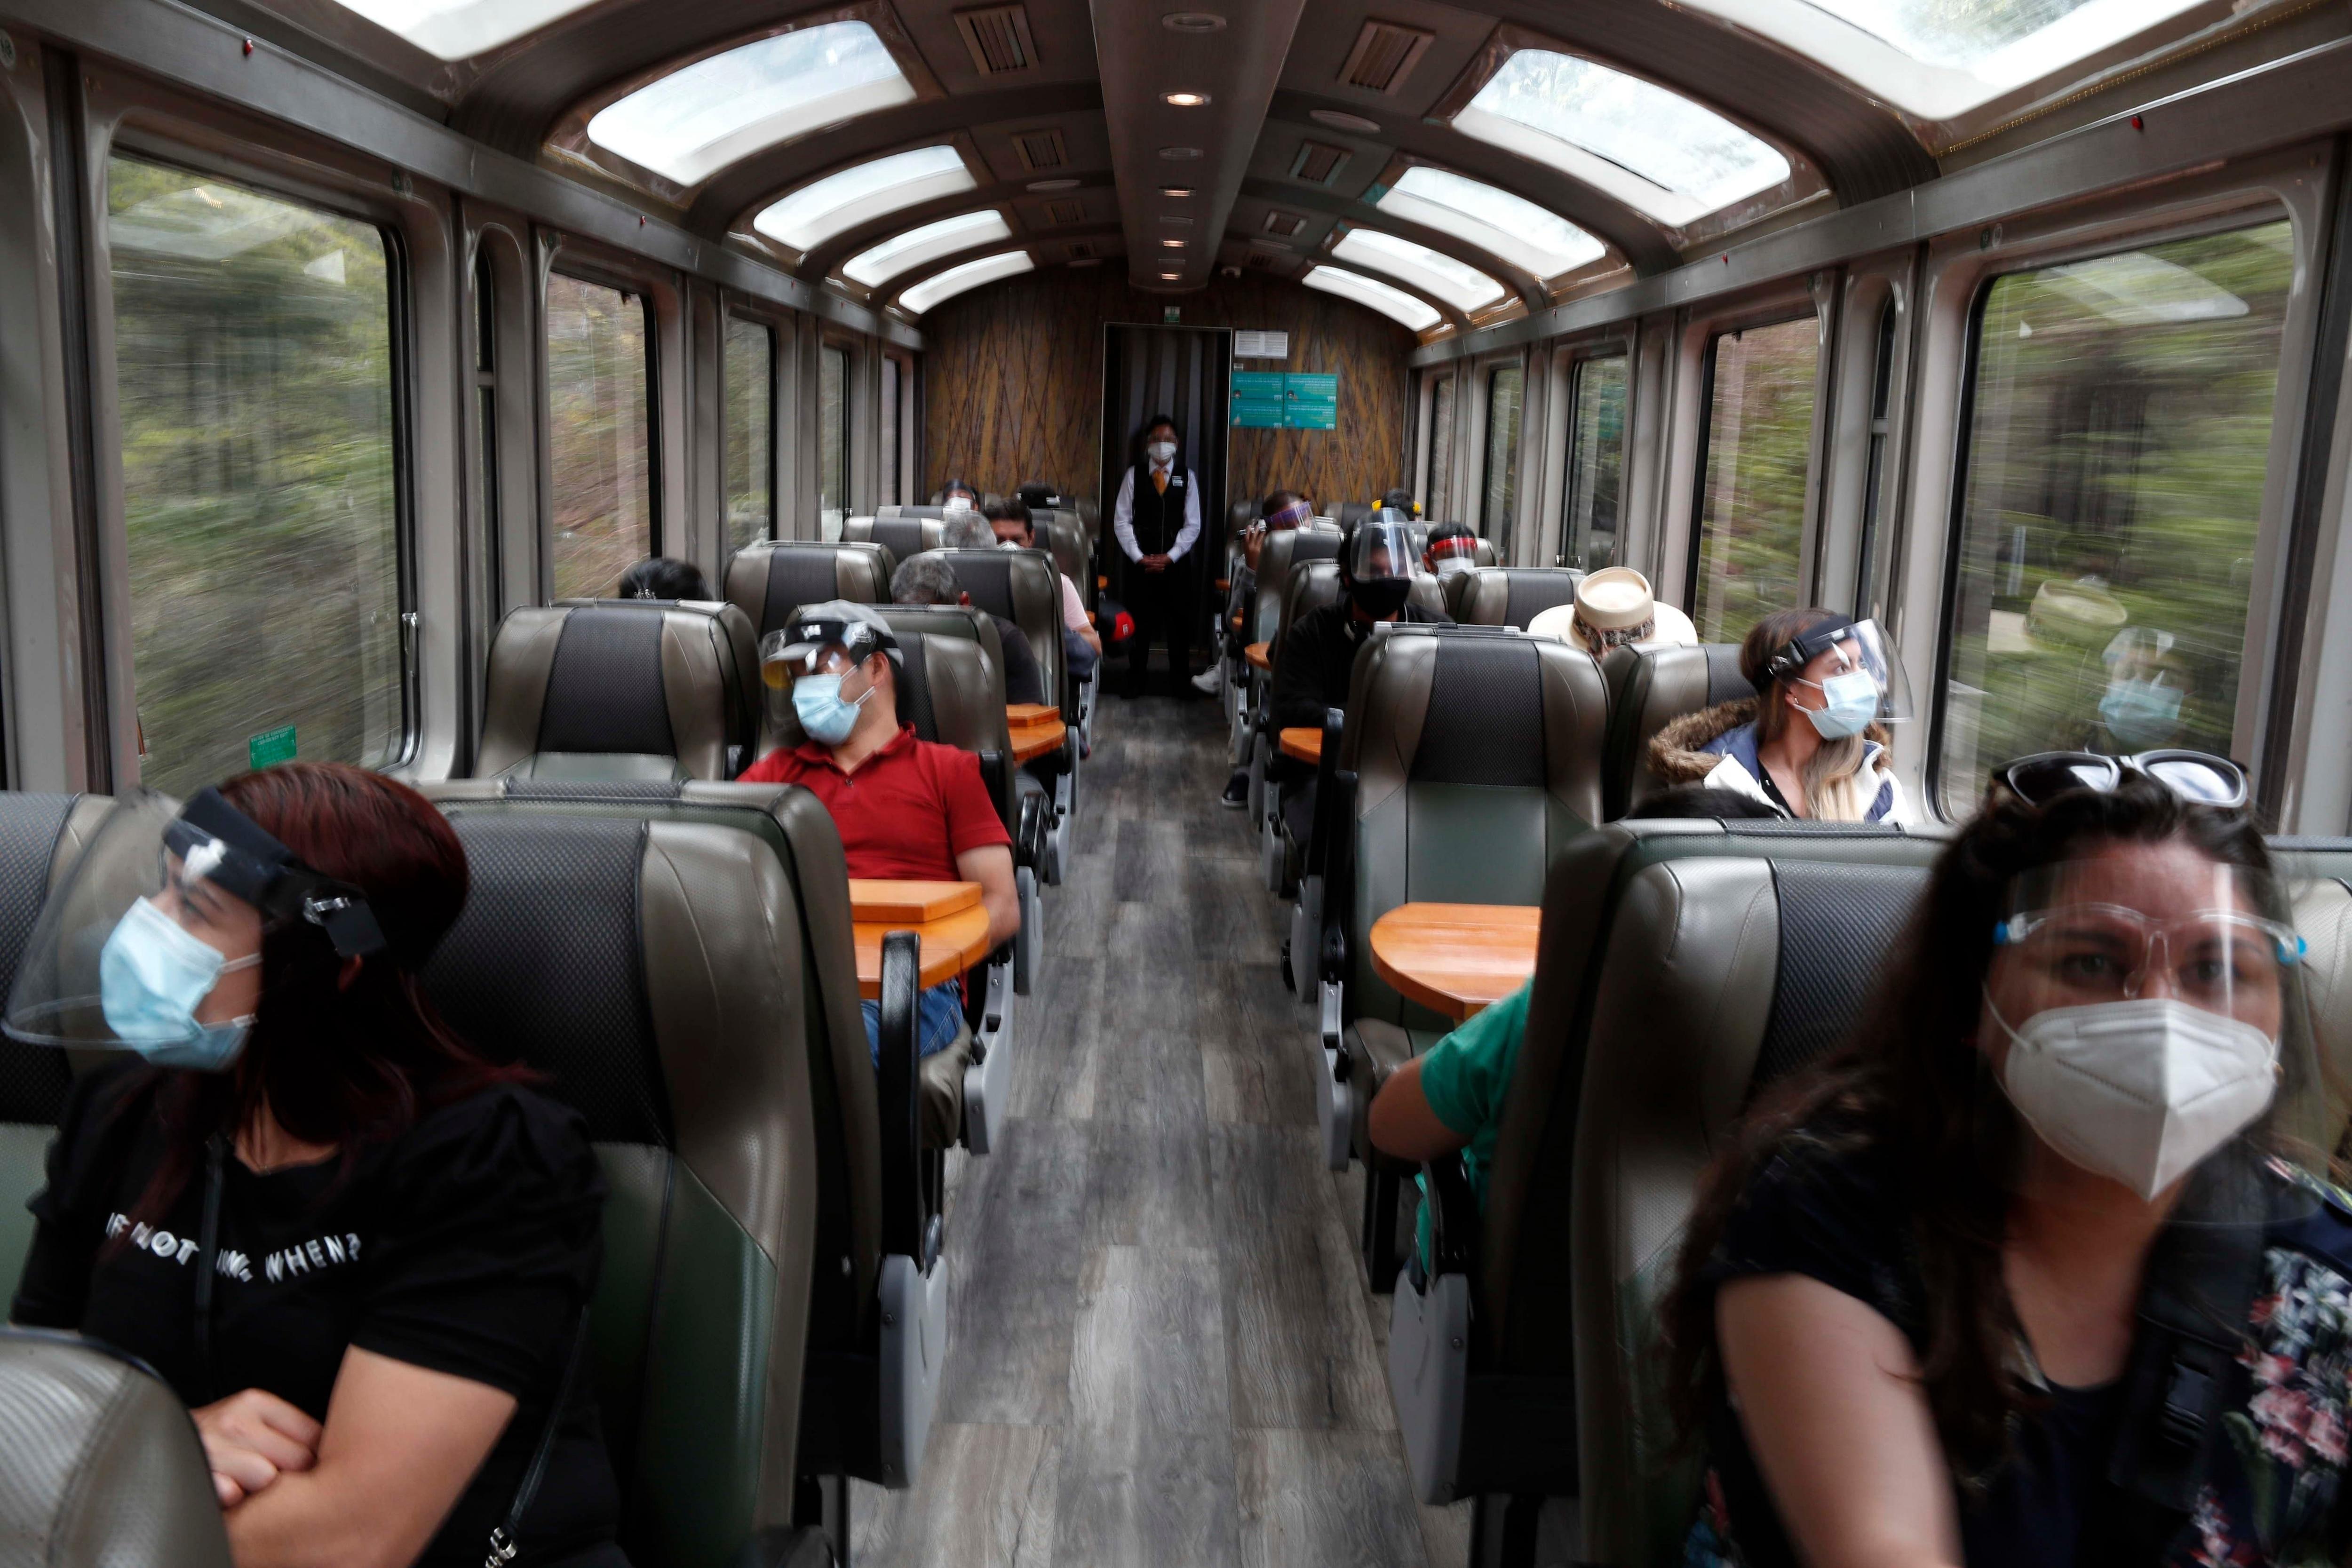 La mayoría de los turistas viajan en tren a Machu Picchu desde la estación de la población de Ollantaytambo (EFE/Paolo Aguilar)